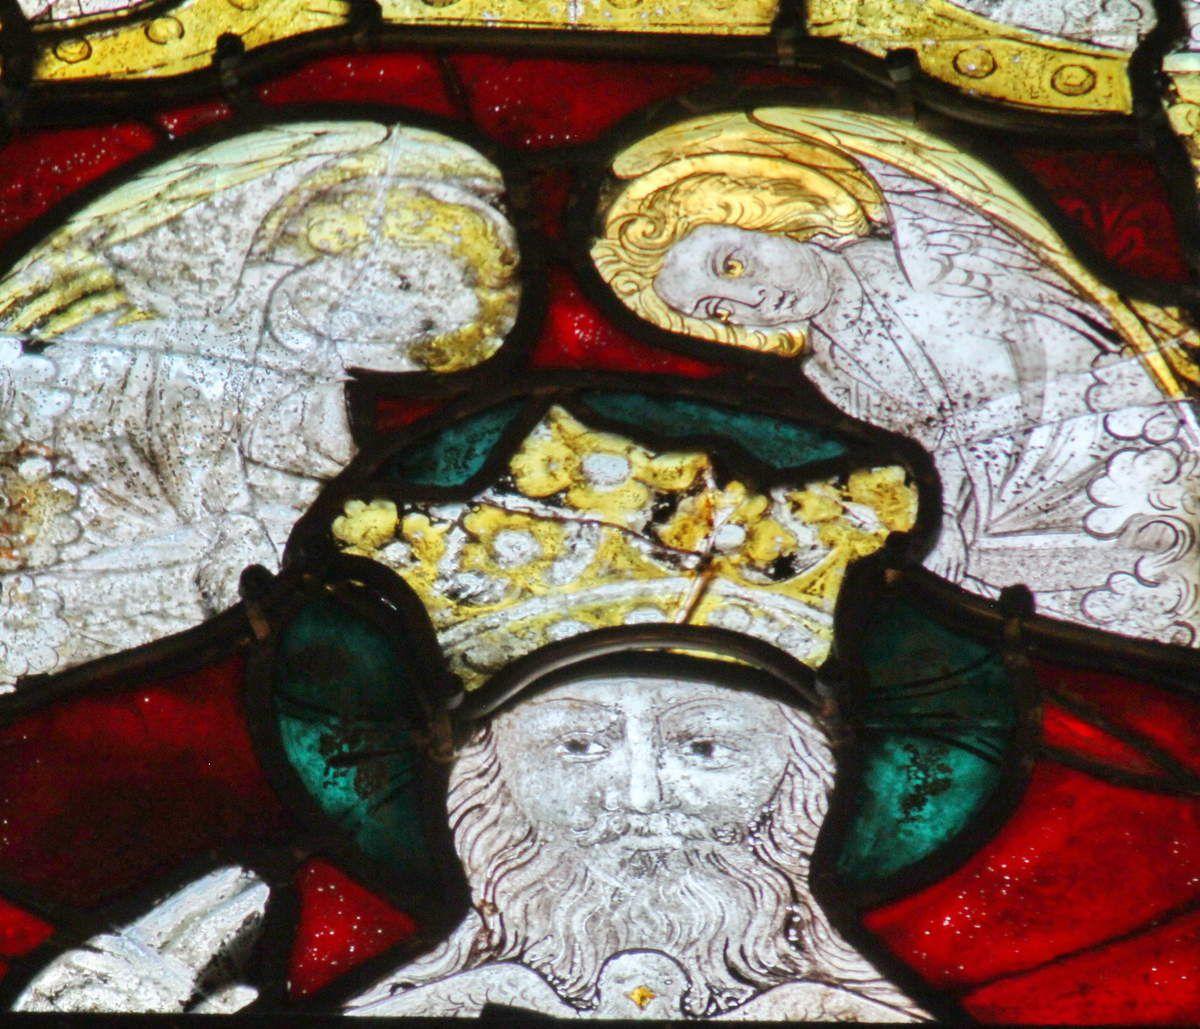 Lancette D, baie n°107, chœur de la cathédrale de Quimper, photographie lavieb-aile.